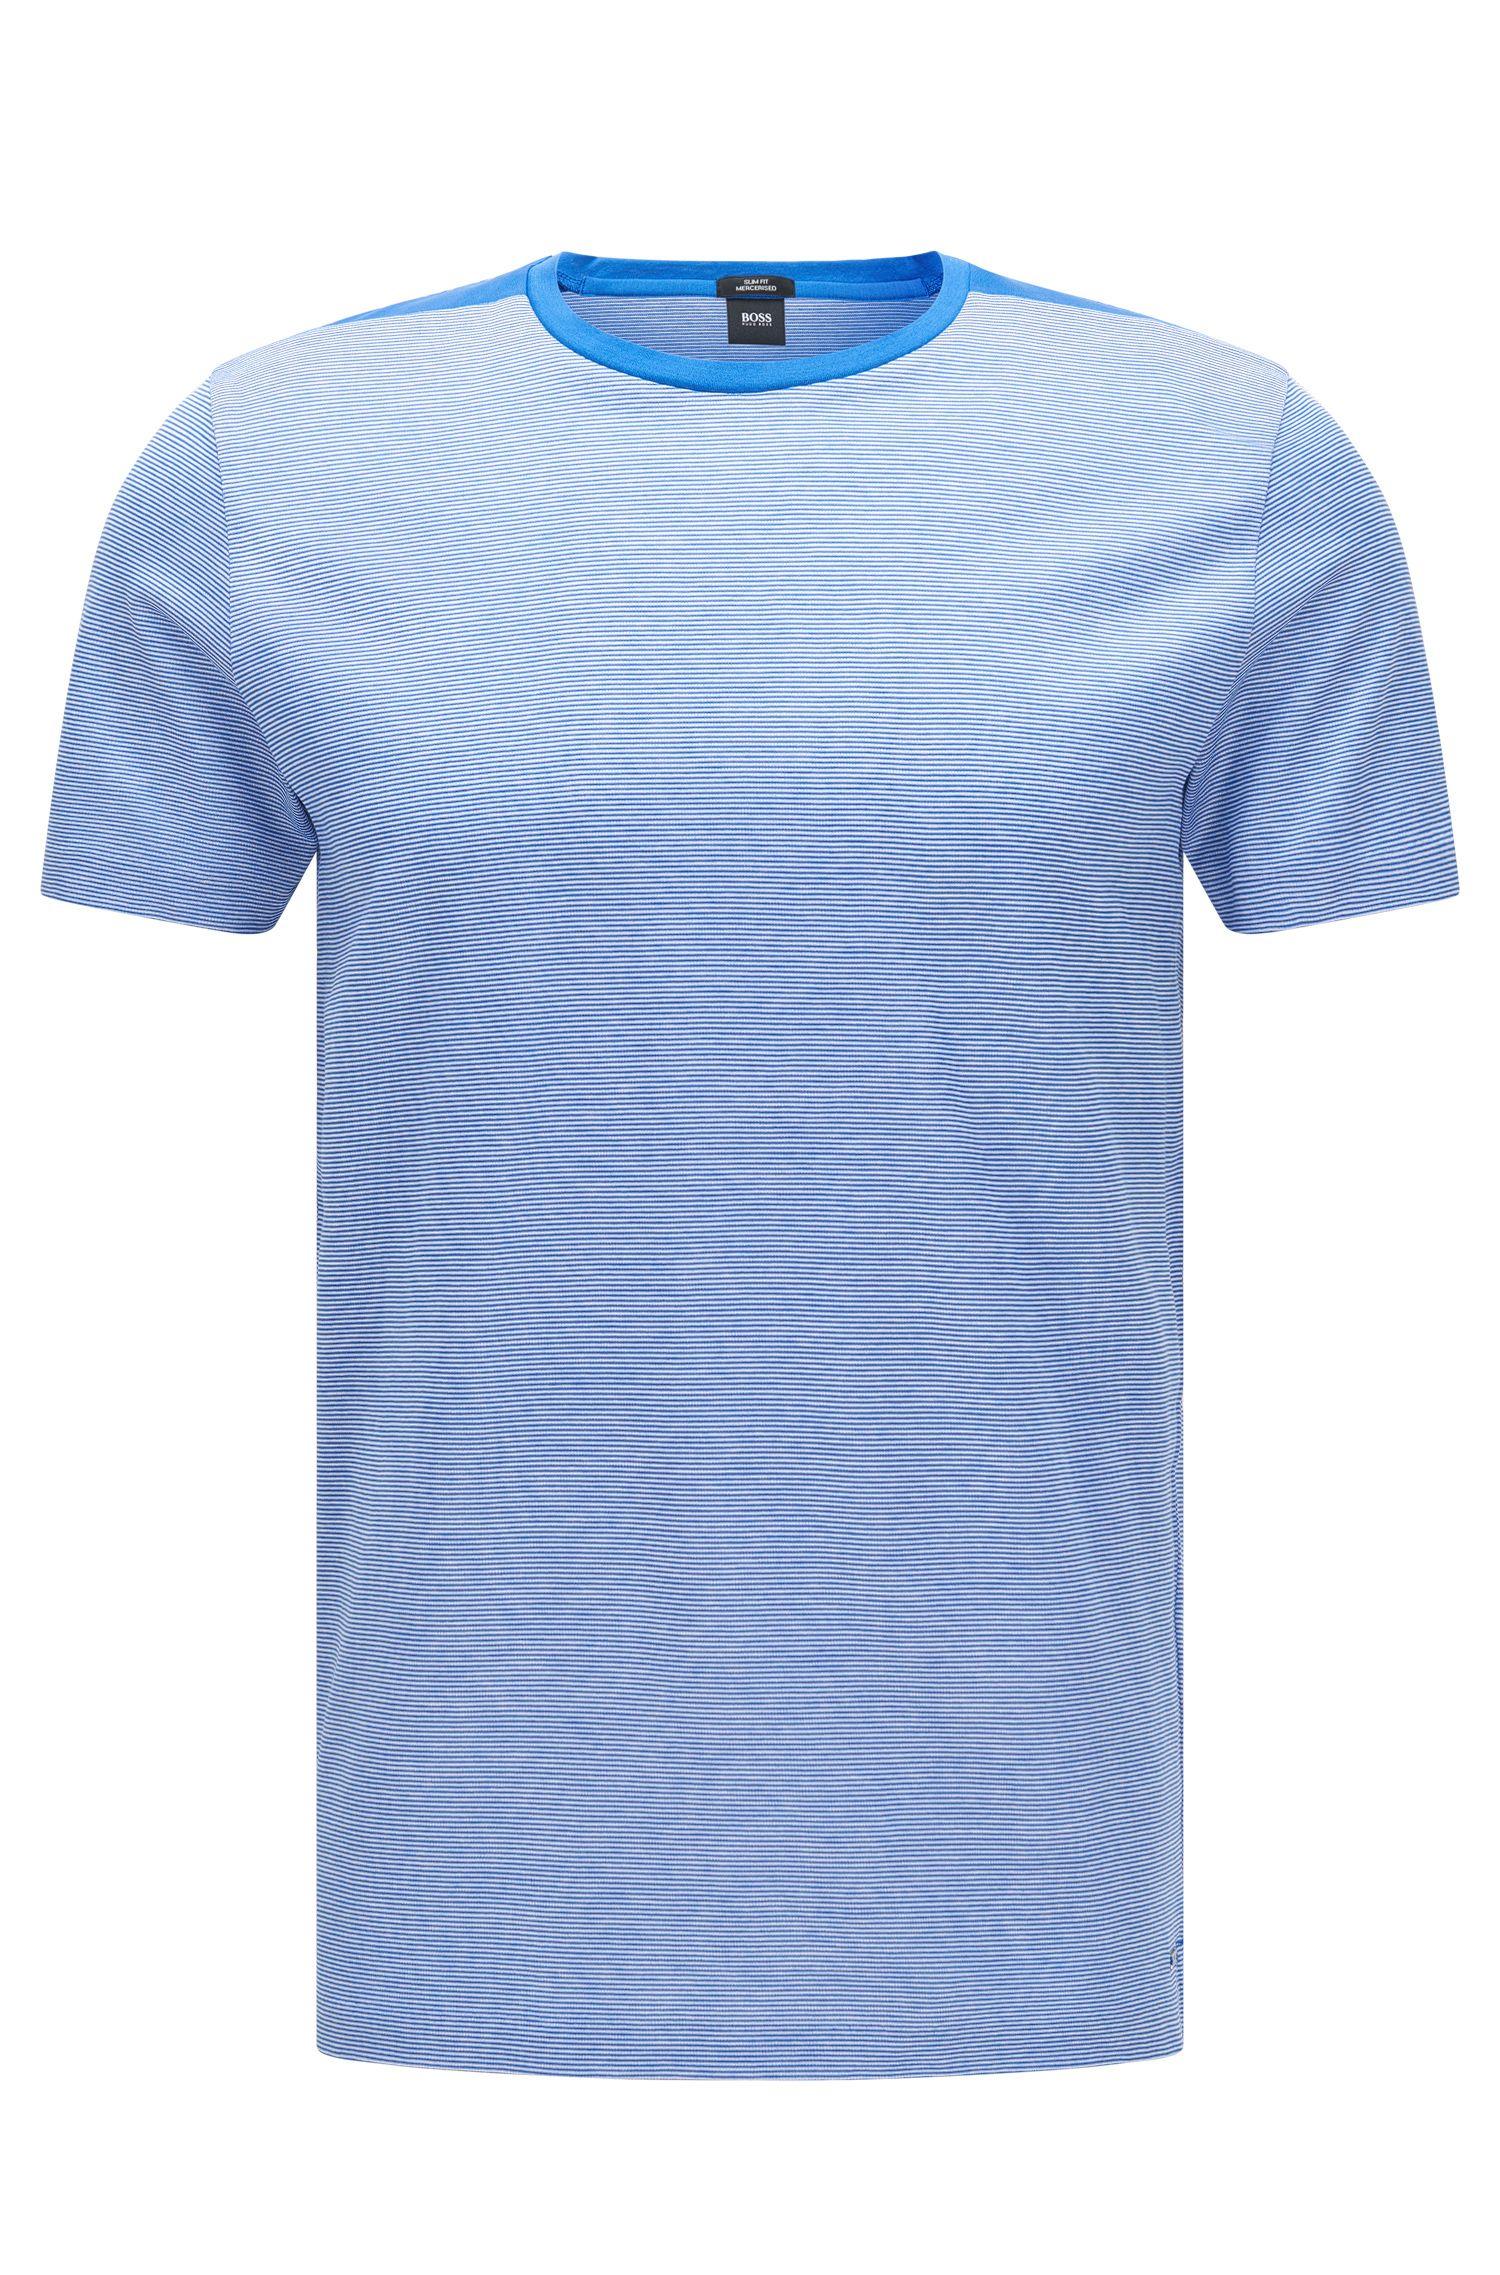 Mercerized Cotton T-Shirt | Tessler, Blue